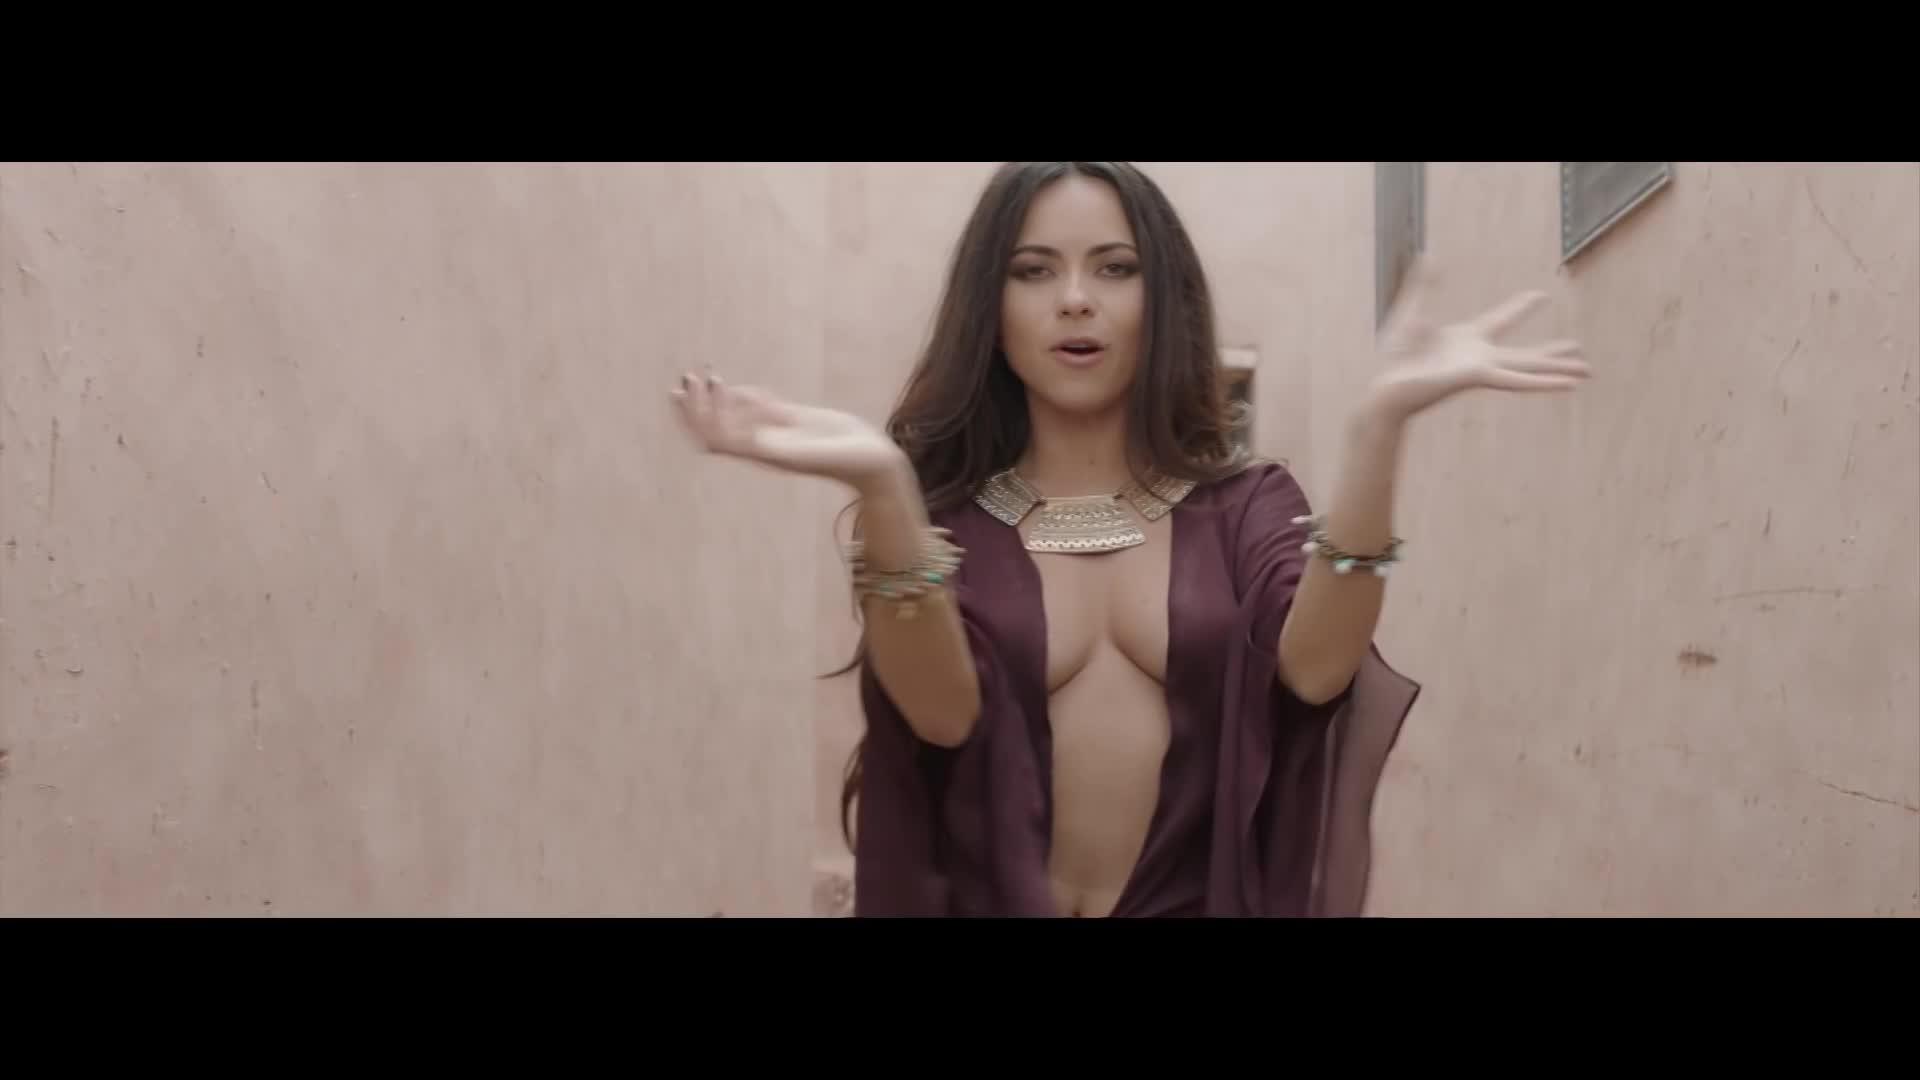 румынская певица клипы эротика безупречность мониторах